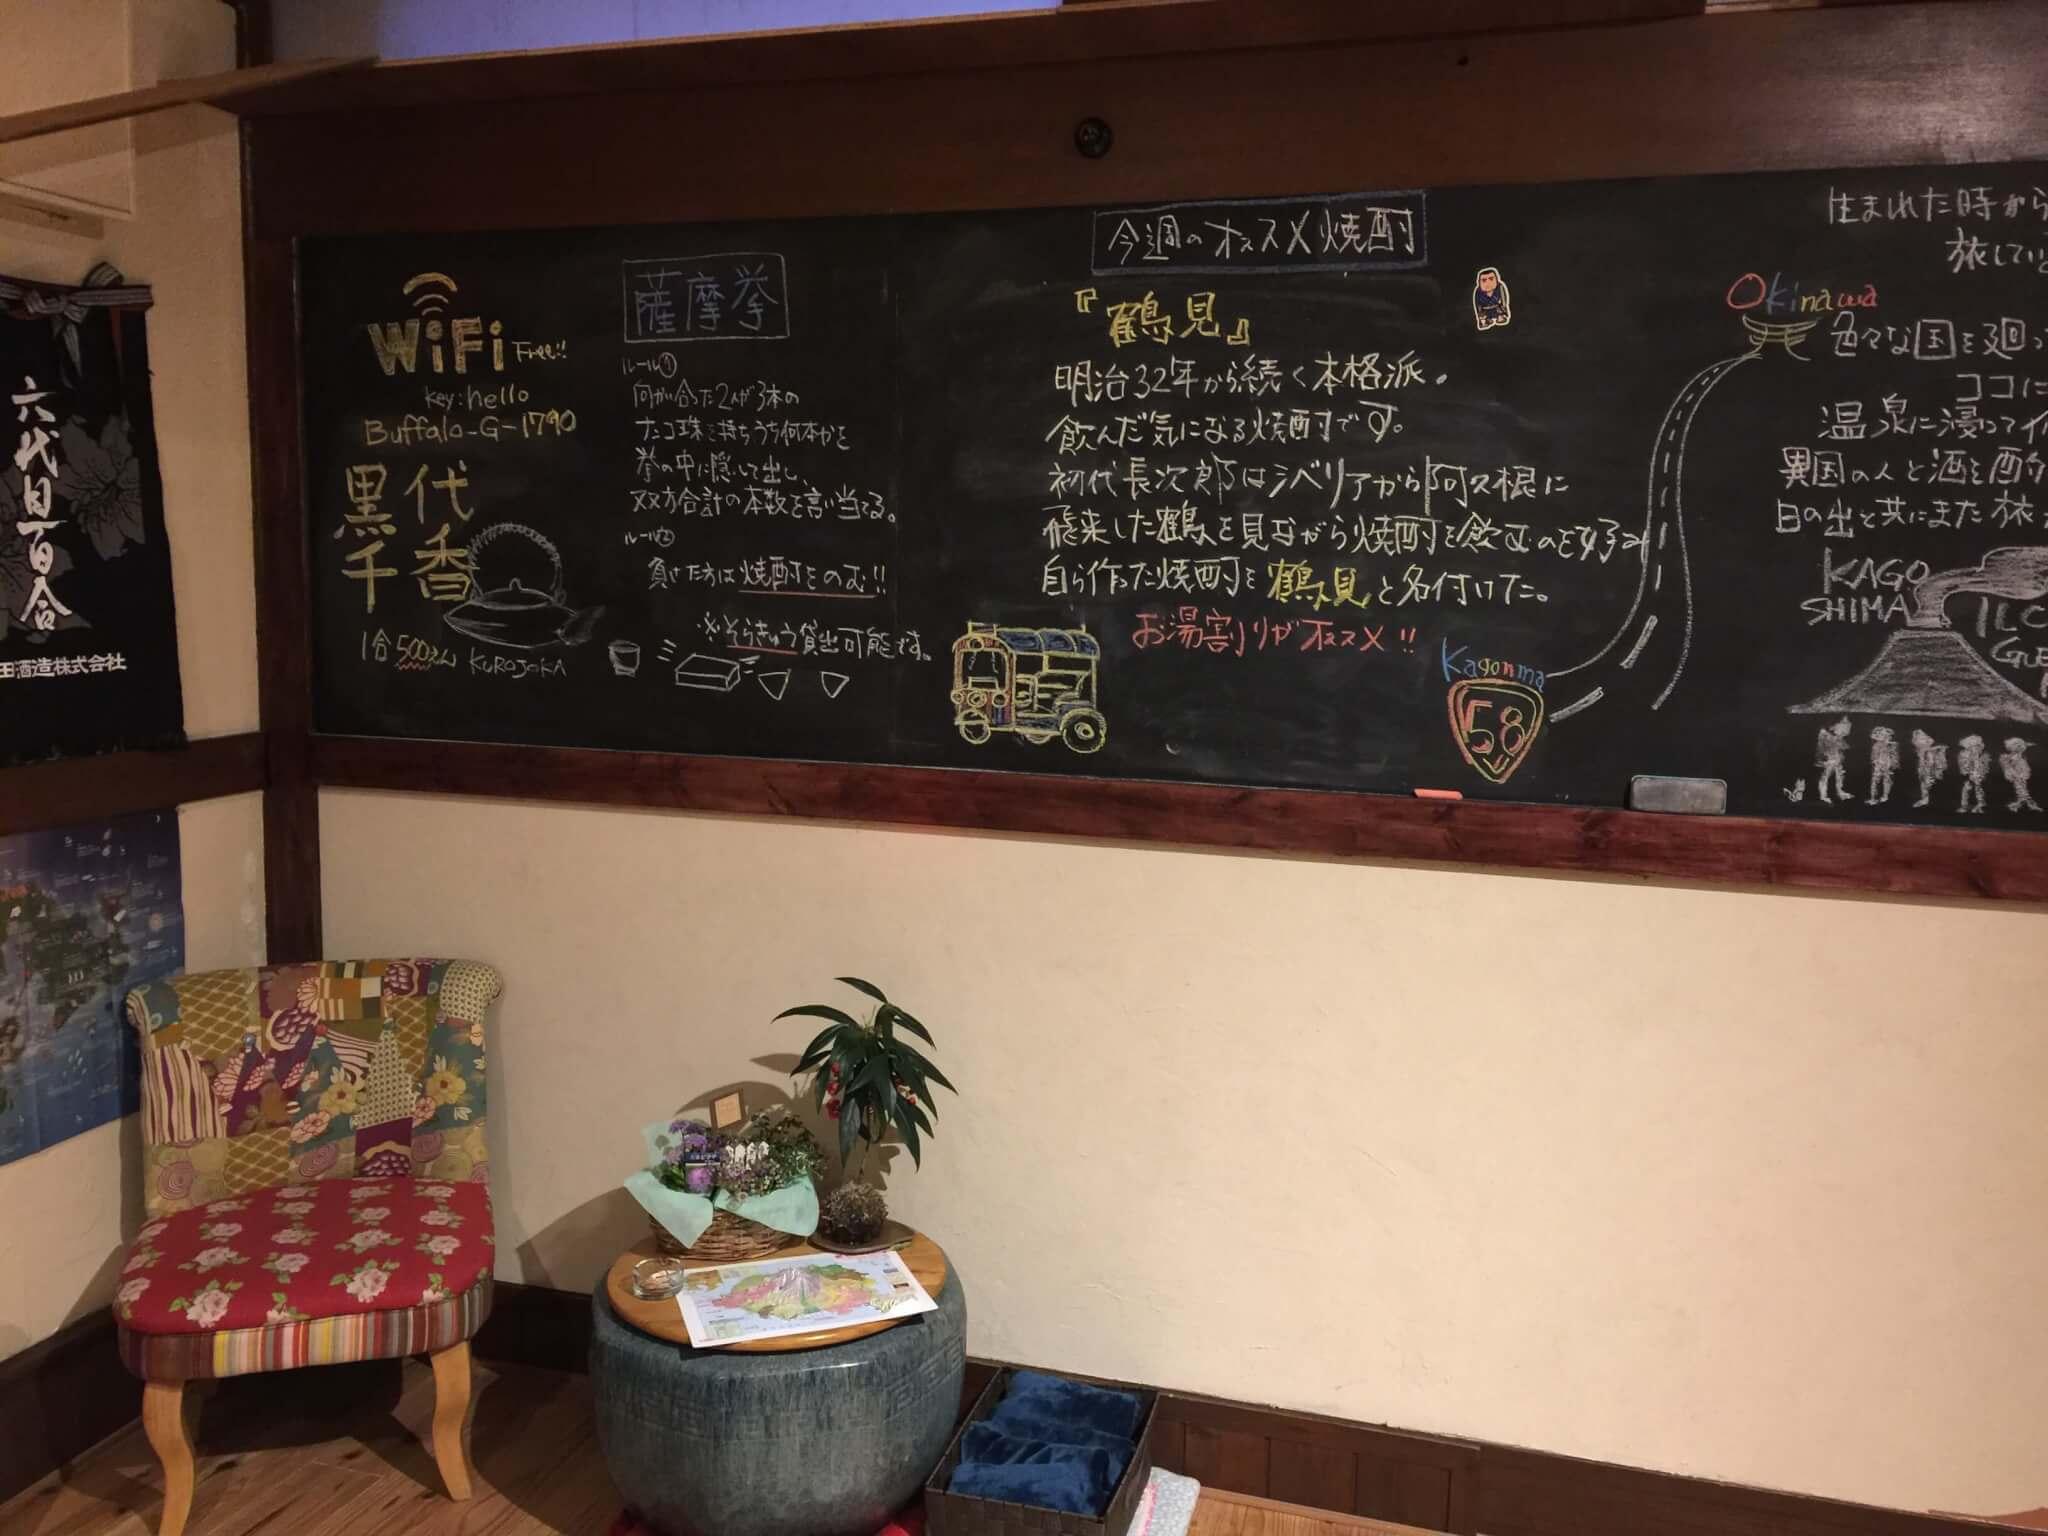 鹿児島ゲストハウスイルカの内装